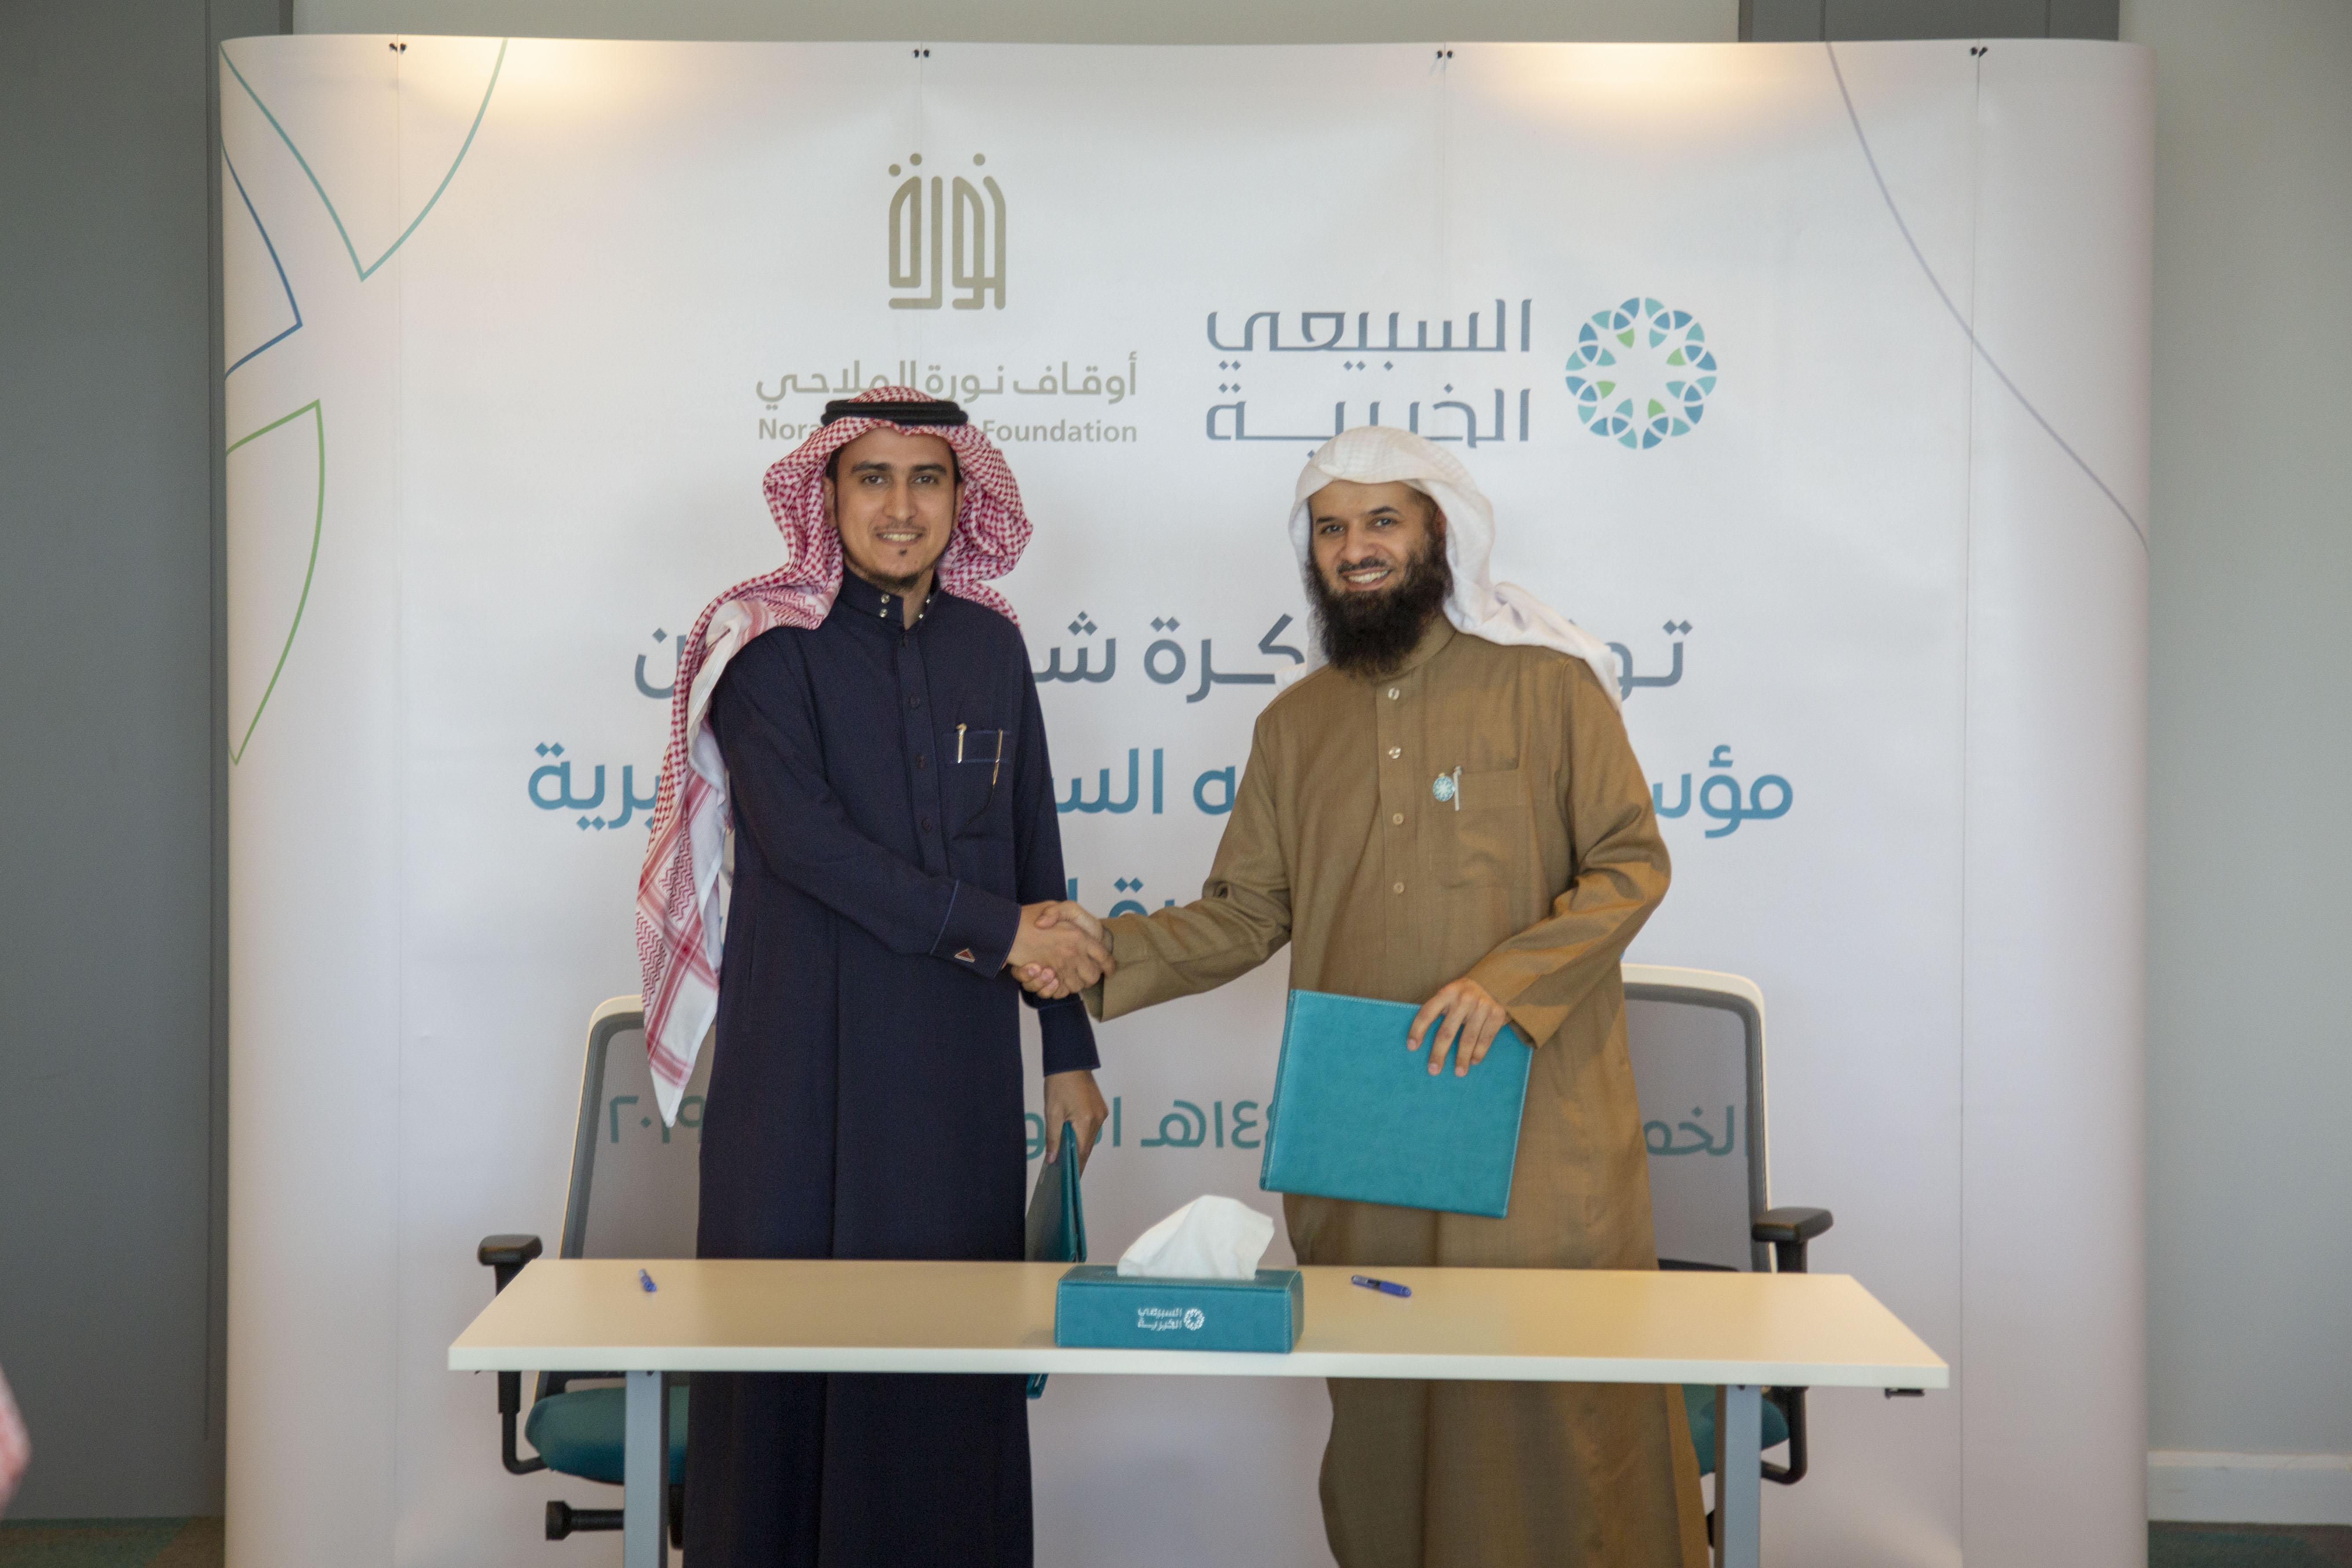 اتفاقية شراكة بين مؤسسة عبد الله بن إبراهيم السبيعي الخيرية وأوقاف نورة الملاحي